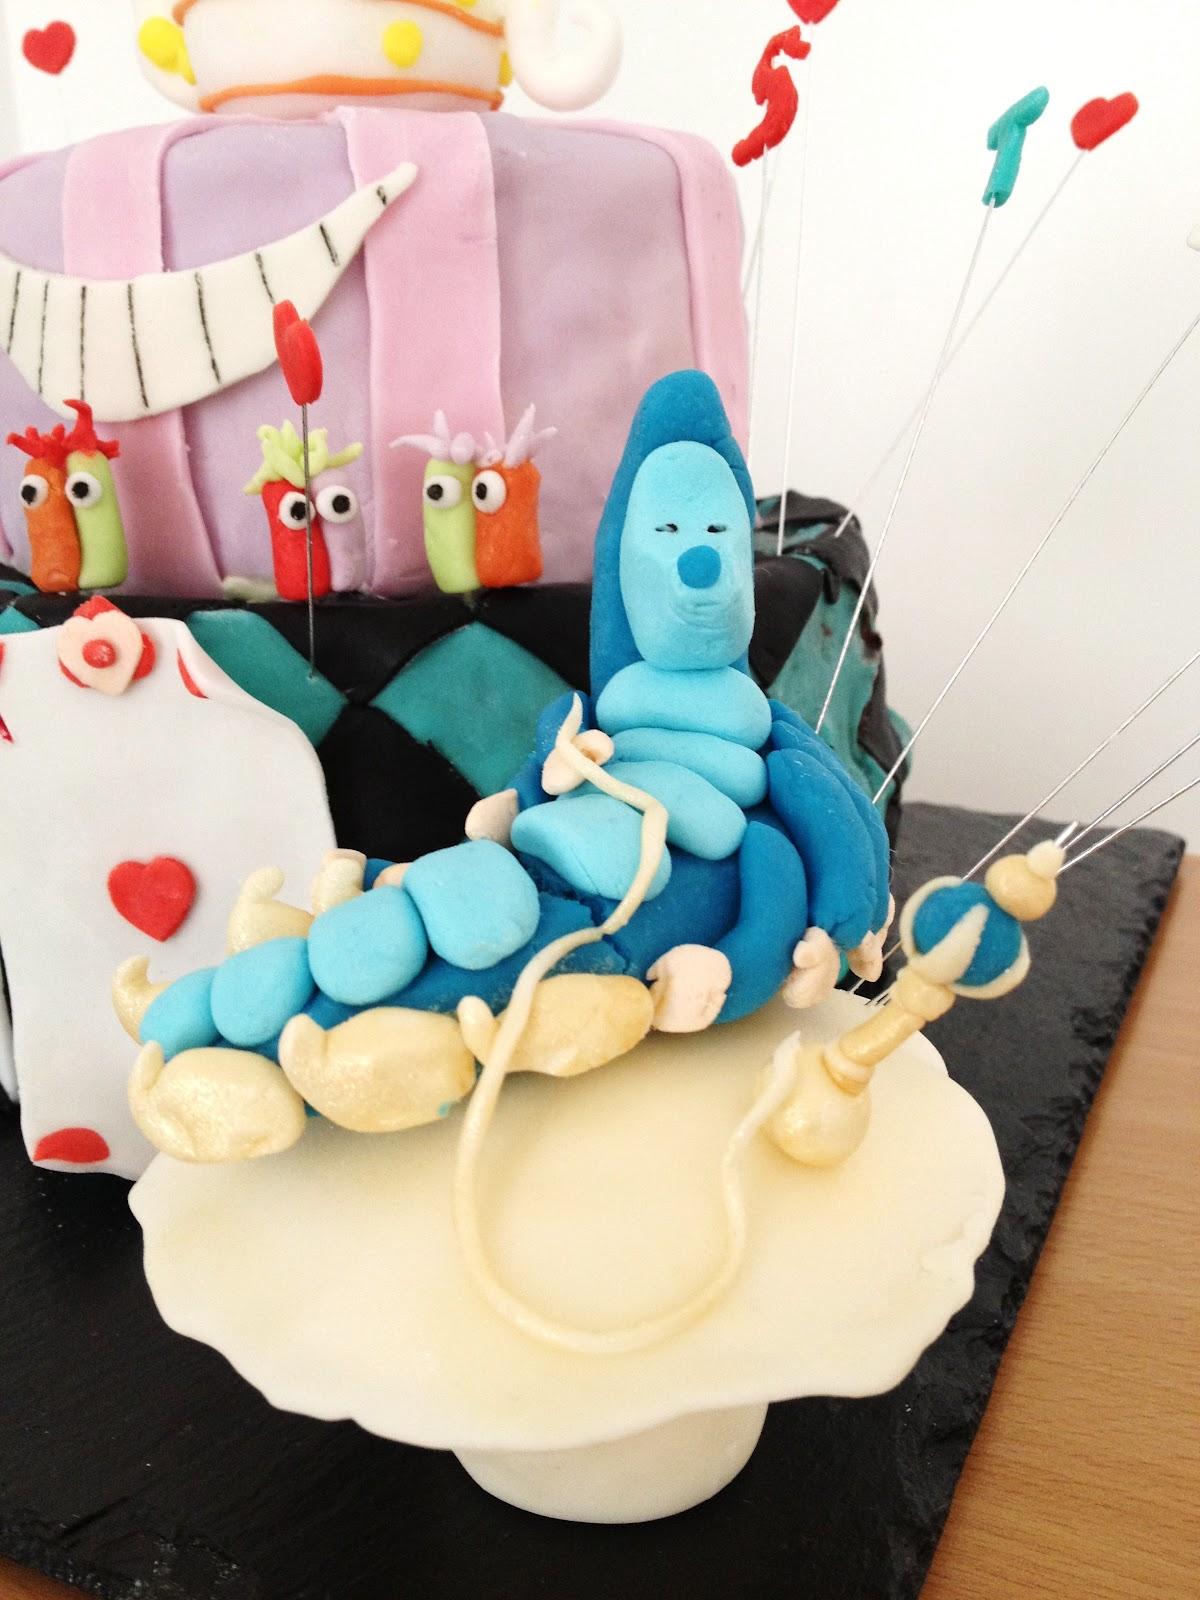 Gateau Alice Aux Pays Des Merveilles tout fabtastic cakes: gâteau alice au pays des merveilles